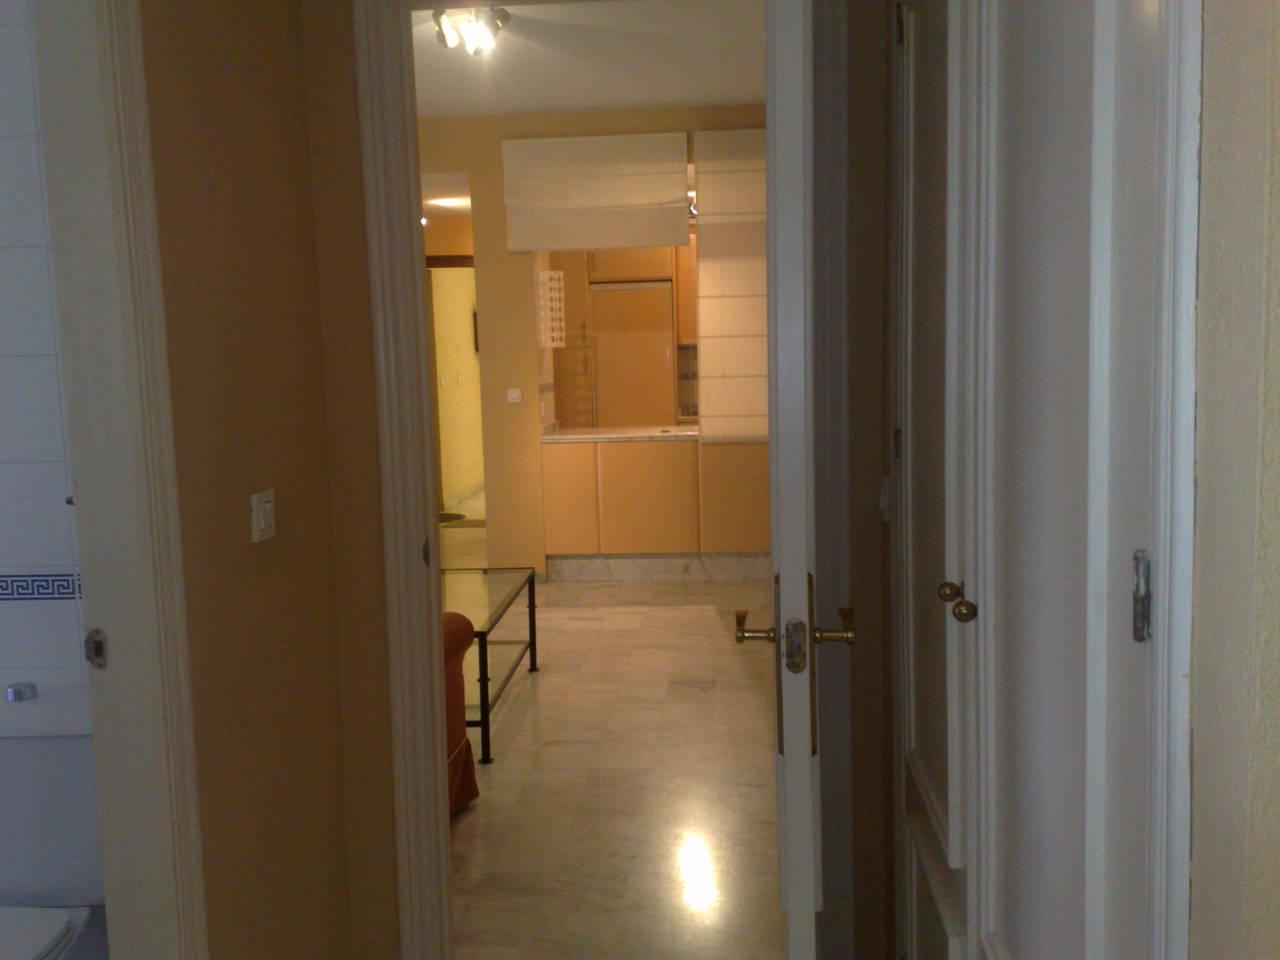 Alquiler piso en Triana, Pureza 34 - Carmen: 639.14.41.48  - Foto 1